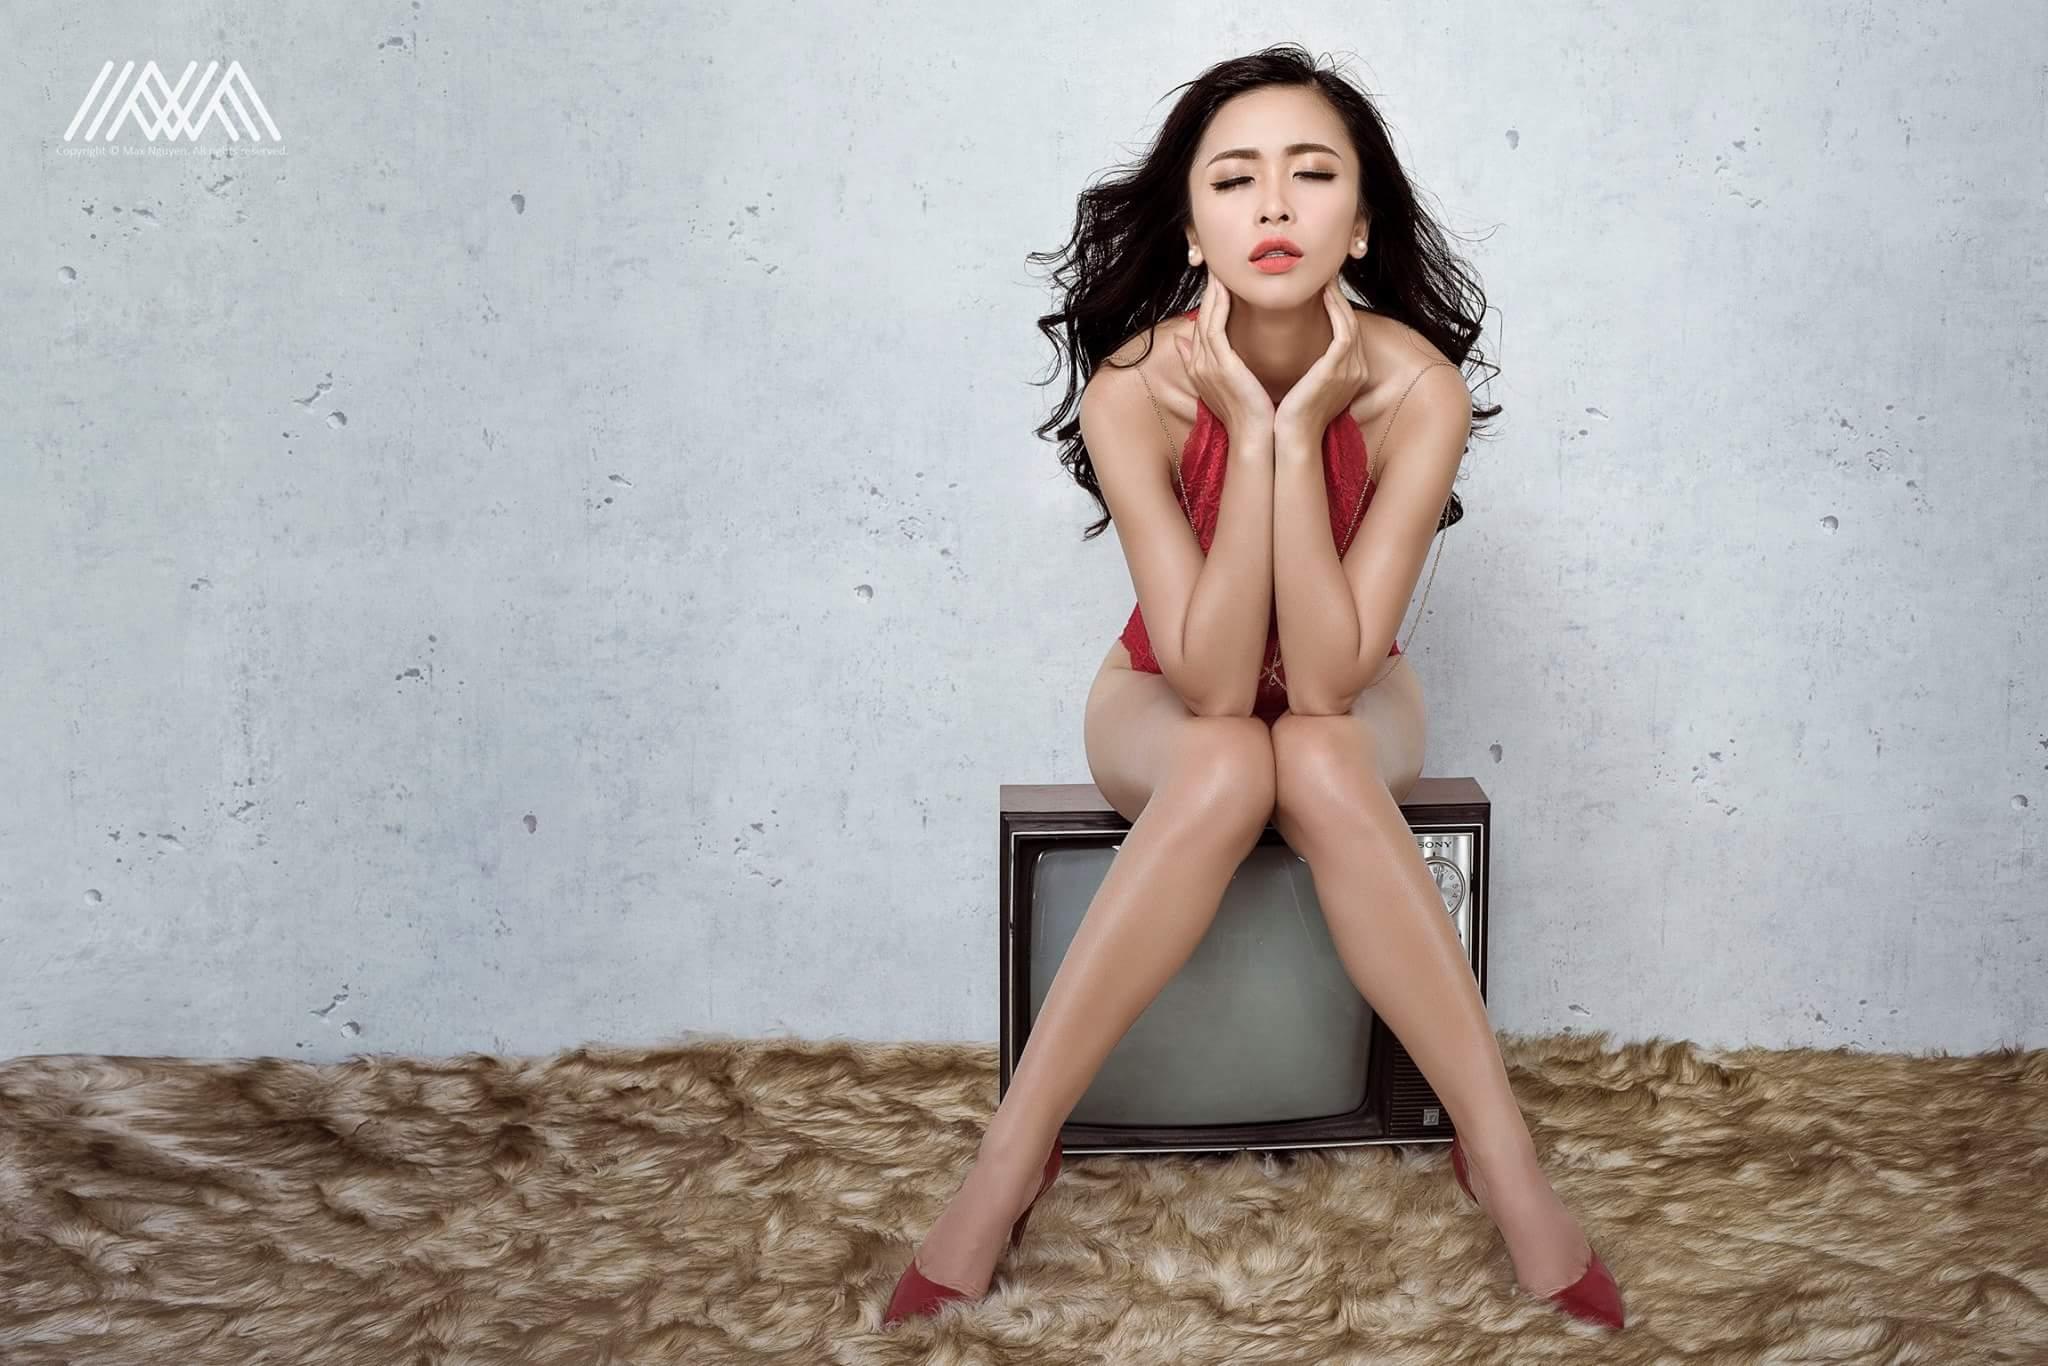 Thanh Vân girl dâm sexy đa tình photo Max Nguyễn